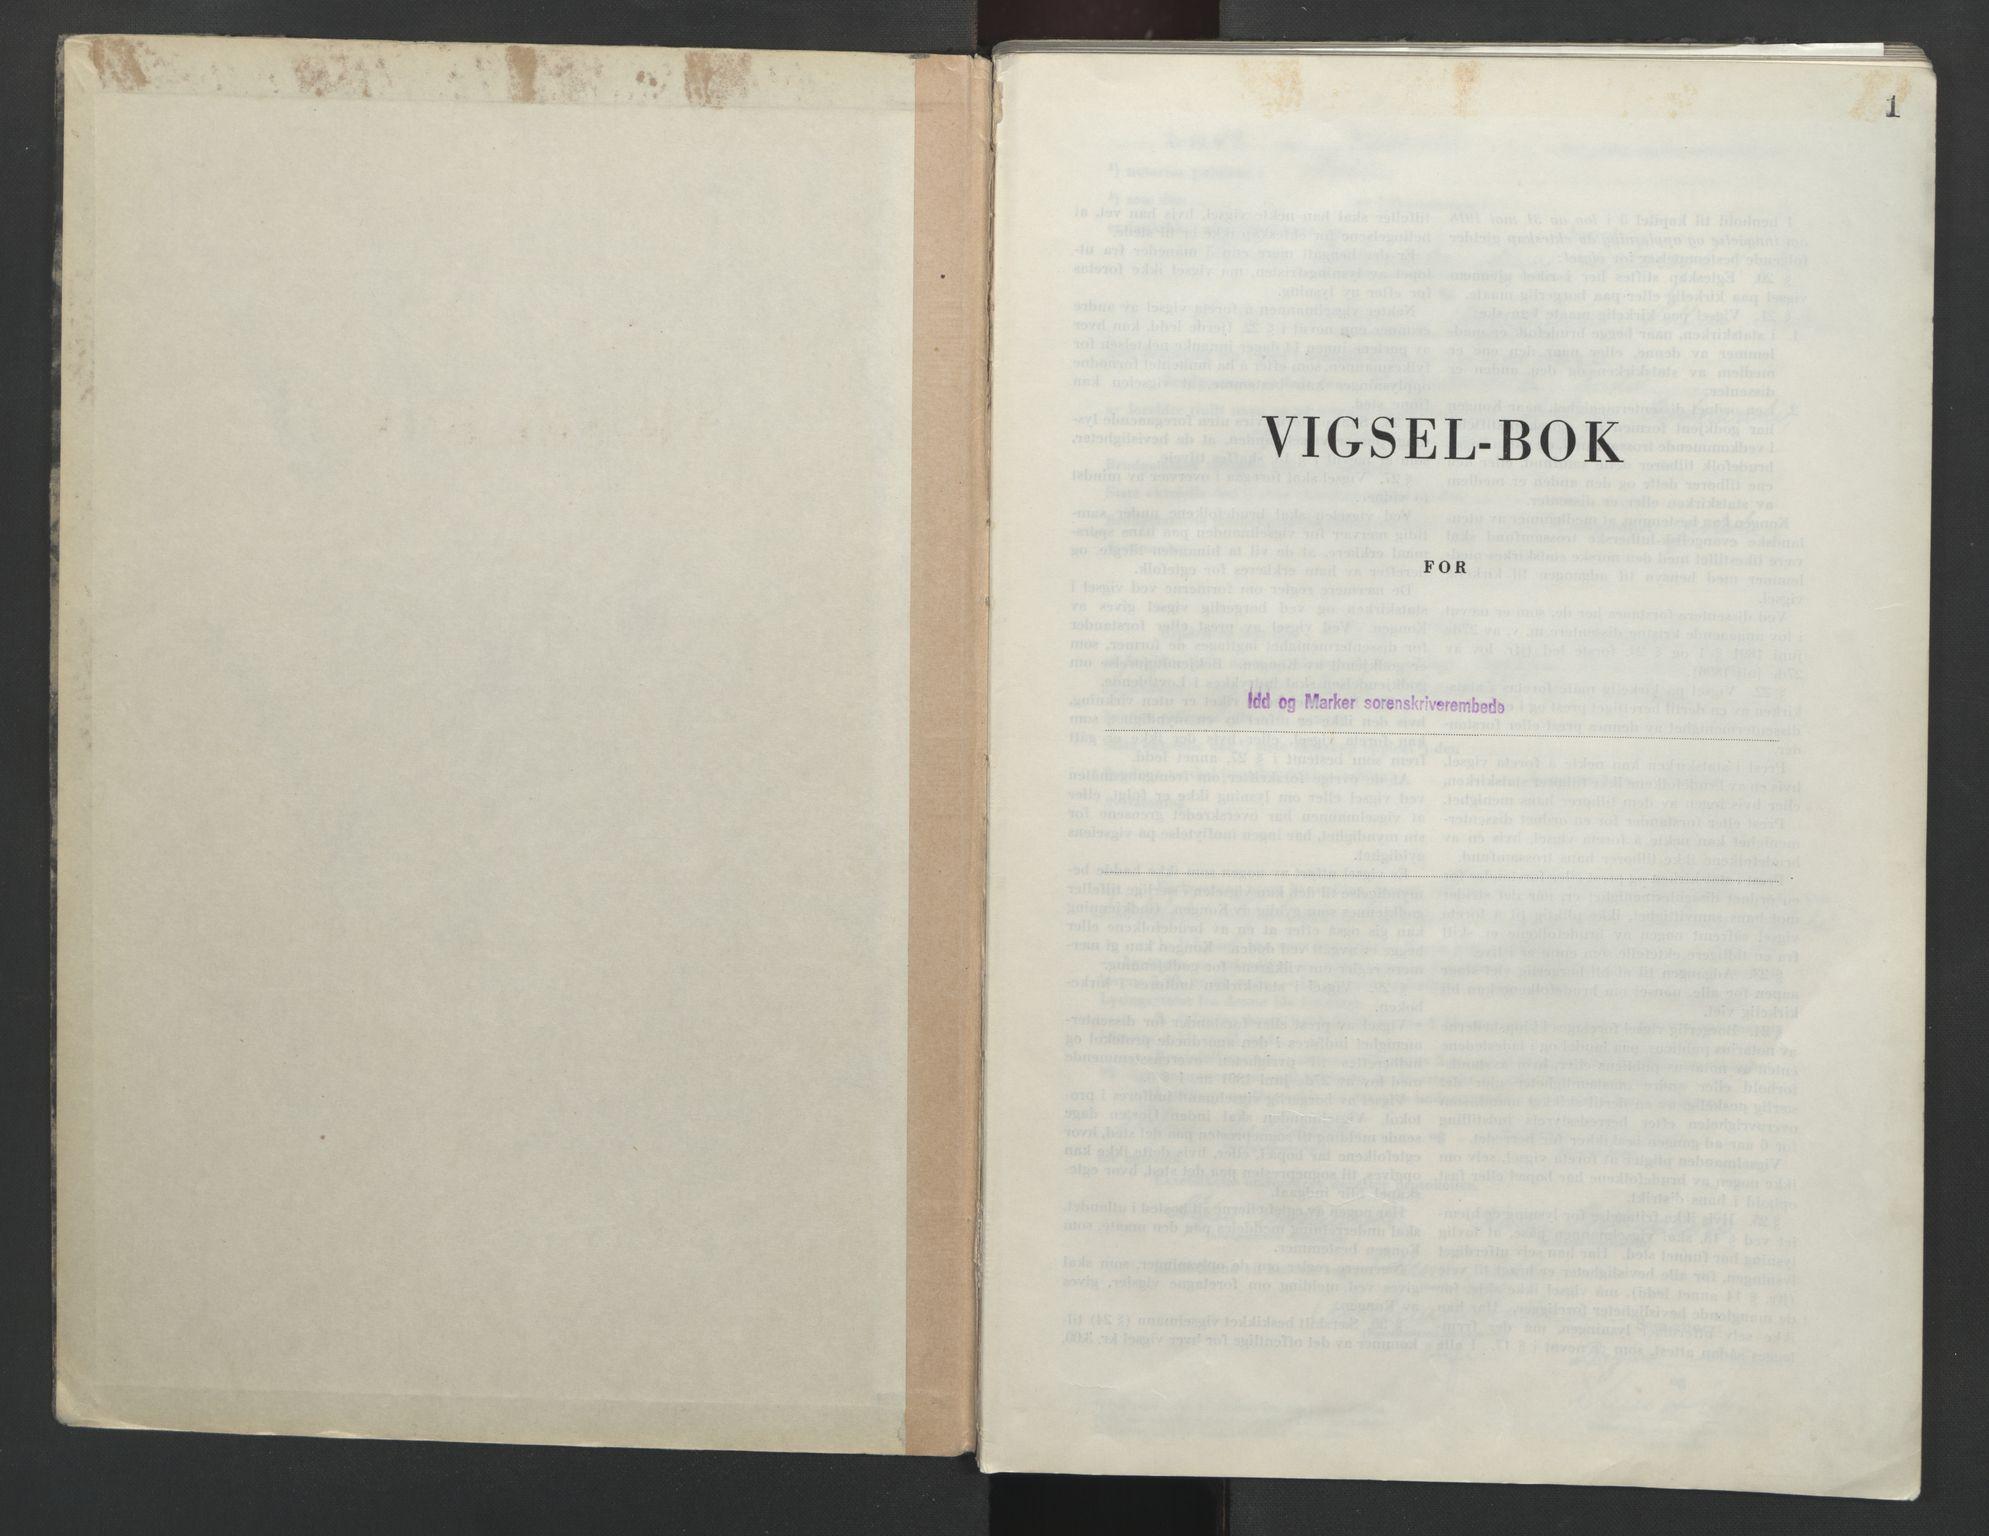 SAO, Idd og Marker sorenskriveri, L/Lc/L0002: Vigselsbok, 1949-1954, s. 1